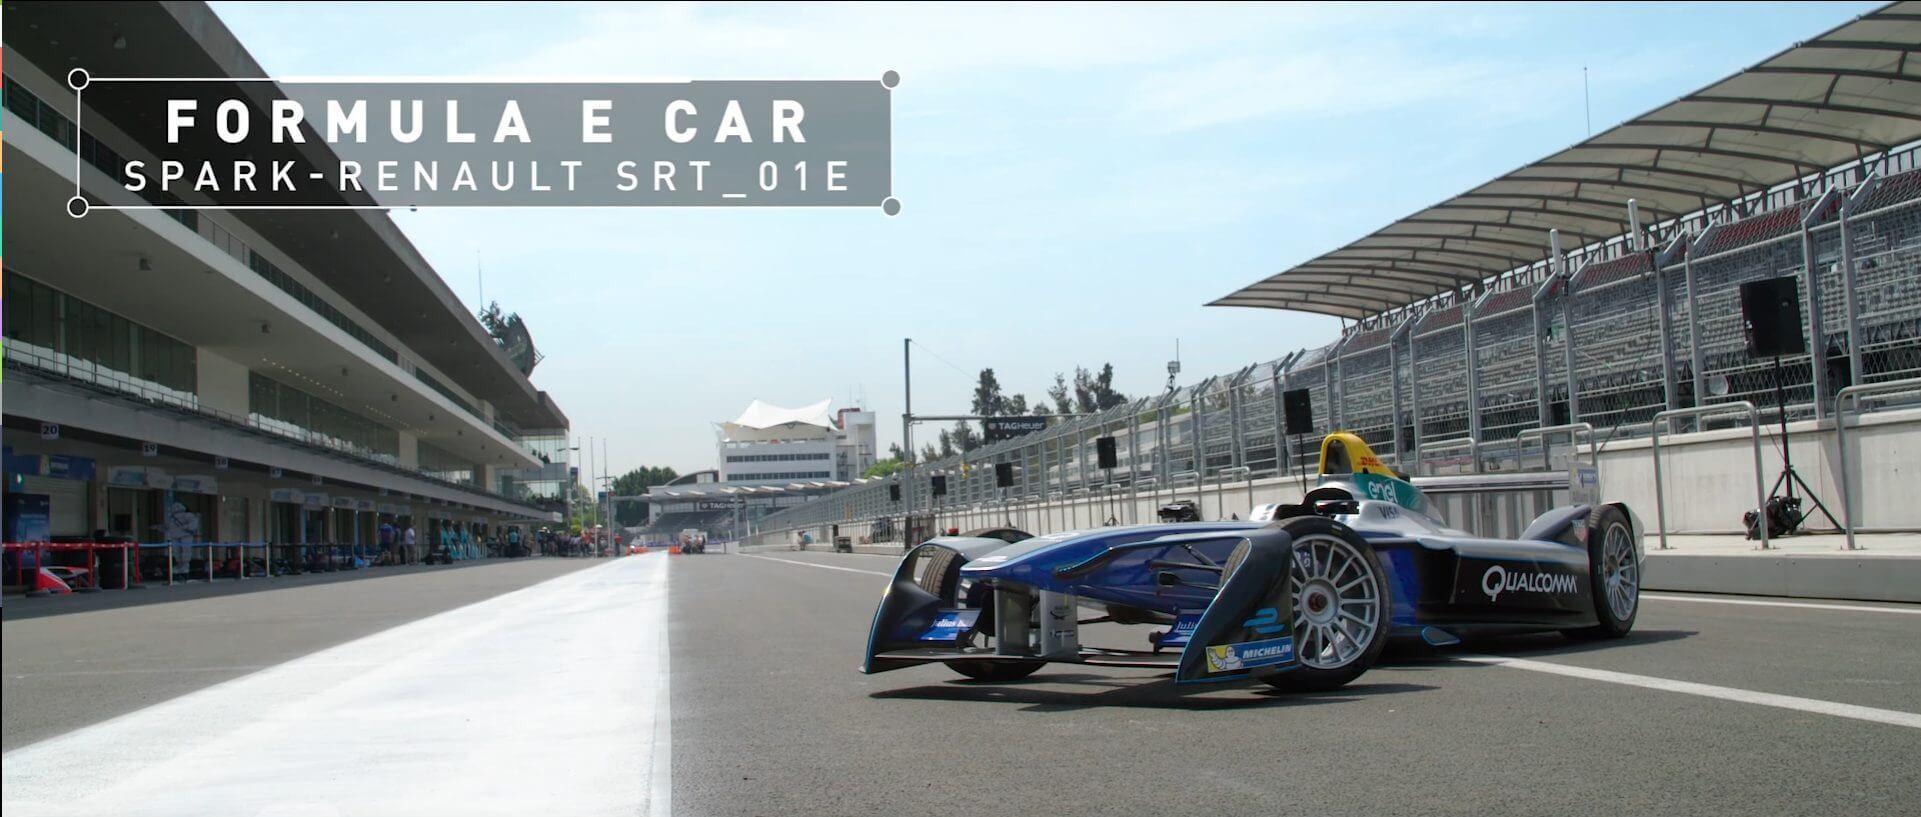 FORMULA E CAR Spark-Renault SRT_01E